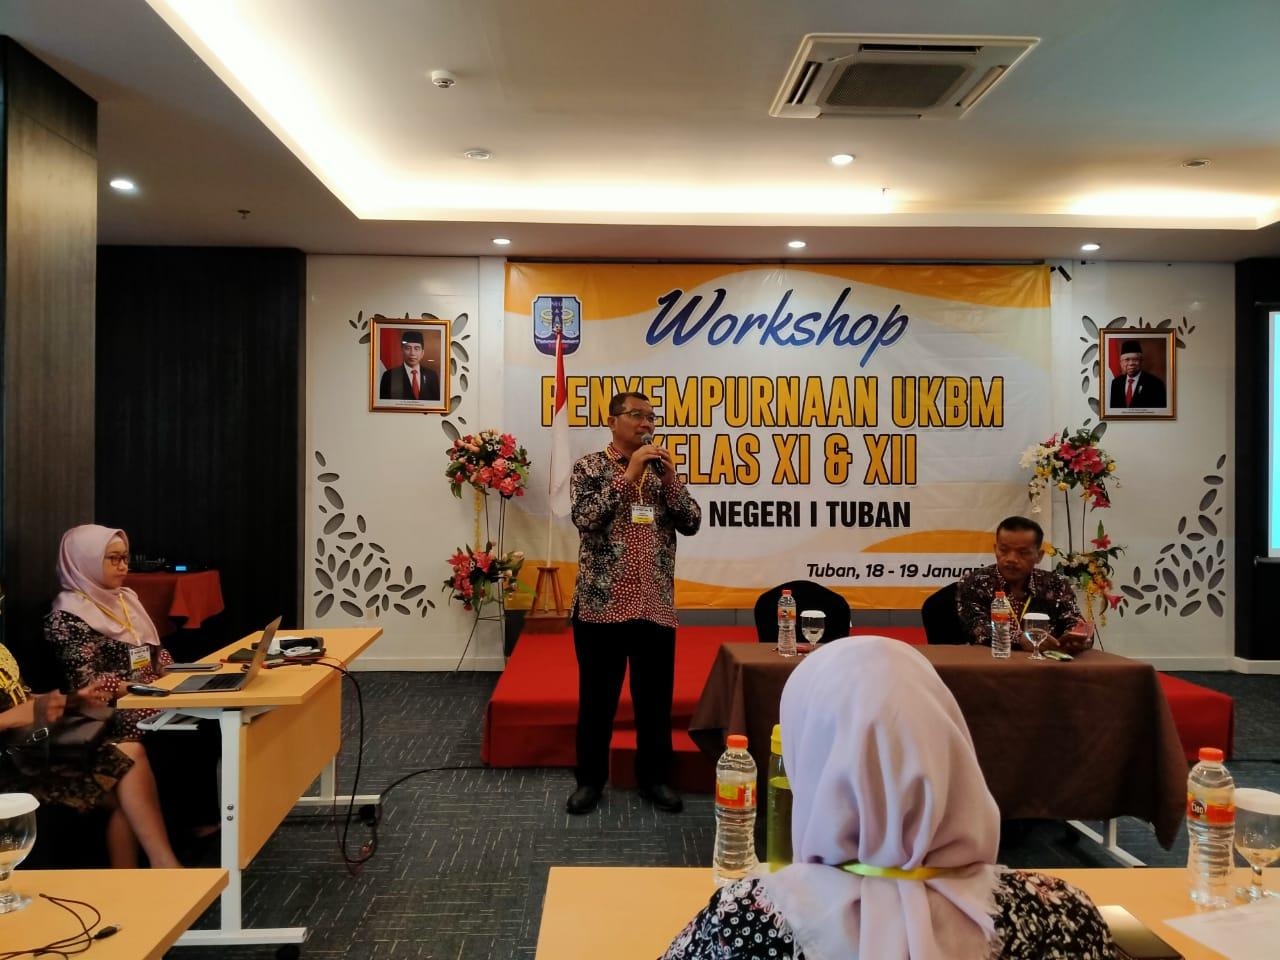 Smansa Tingkatkan Kualitas Guru Melalui Workshop Penyempurnaan Penyusunan UKBM